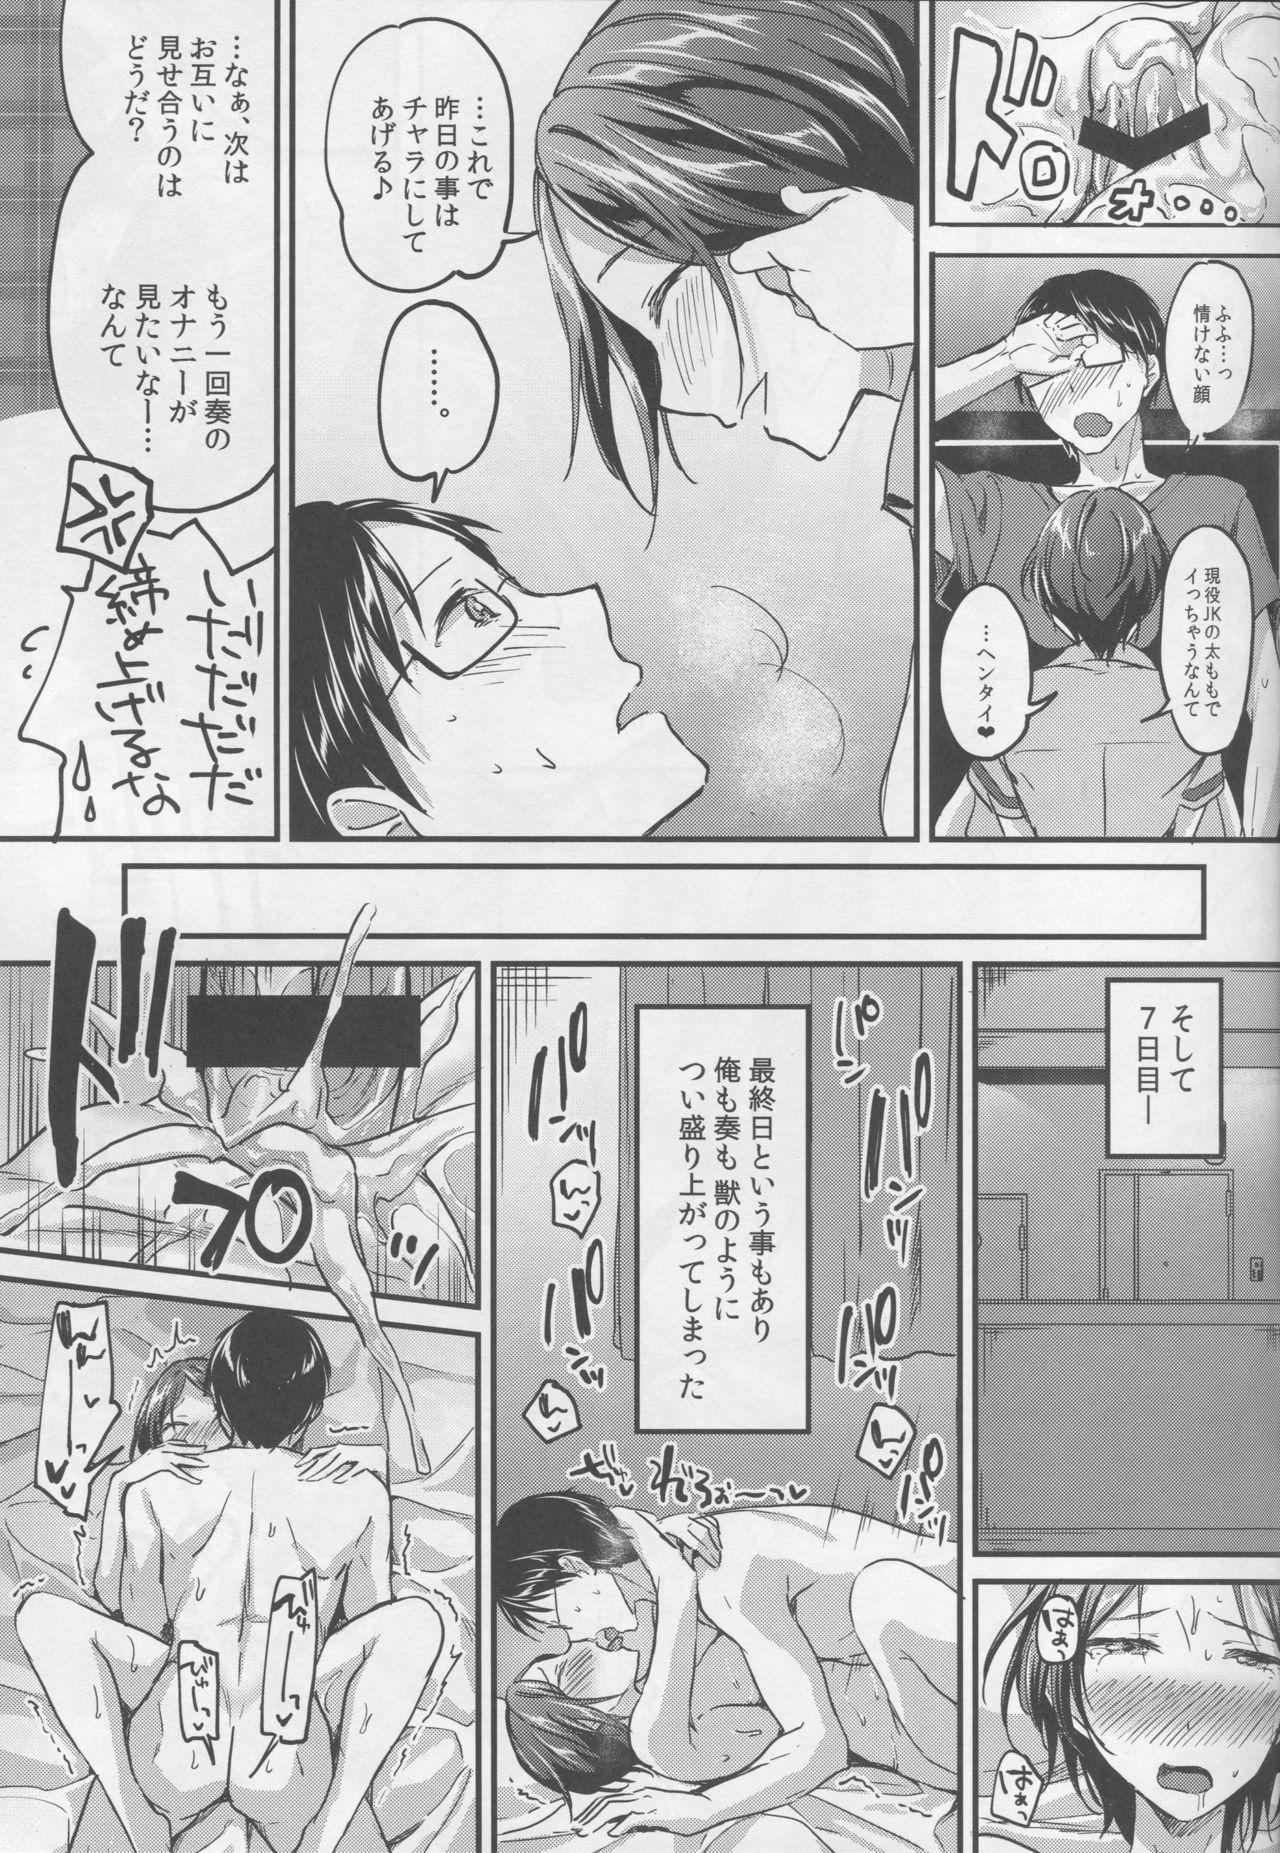 Hayami Kanade to Icha Love 7 Days 15